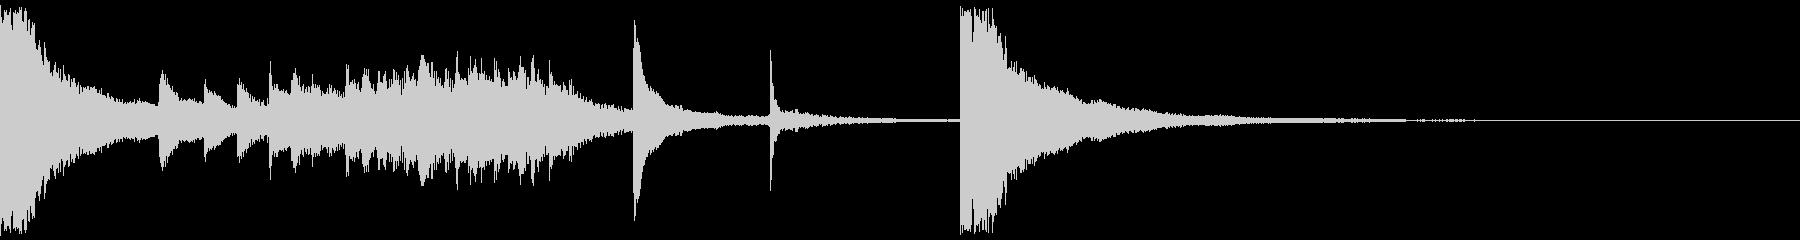 アイキャッチ系の和風曲の未再生の波形